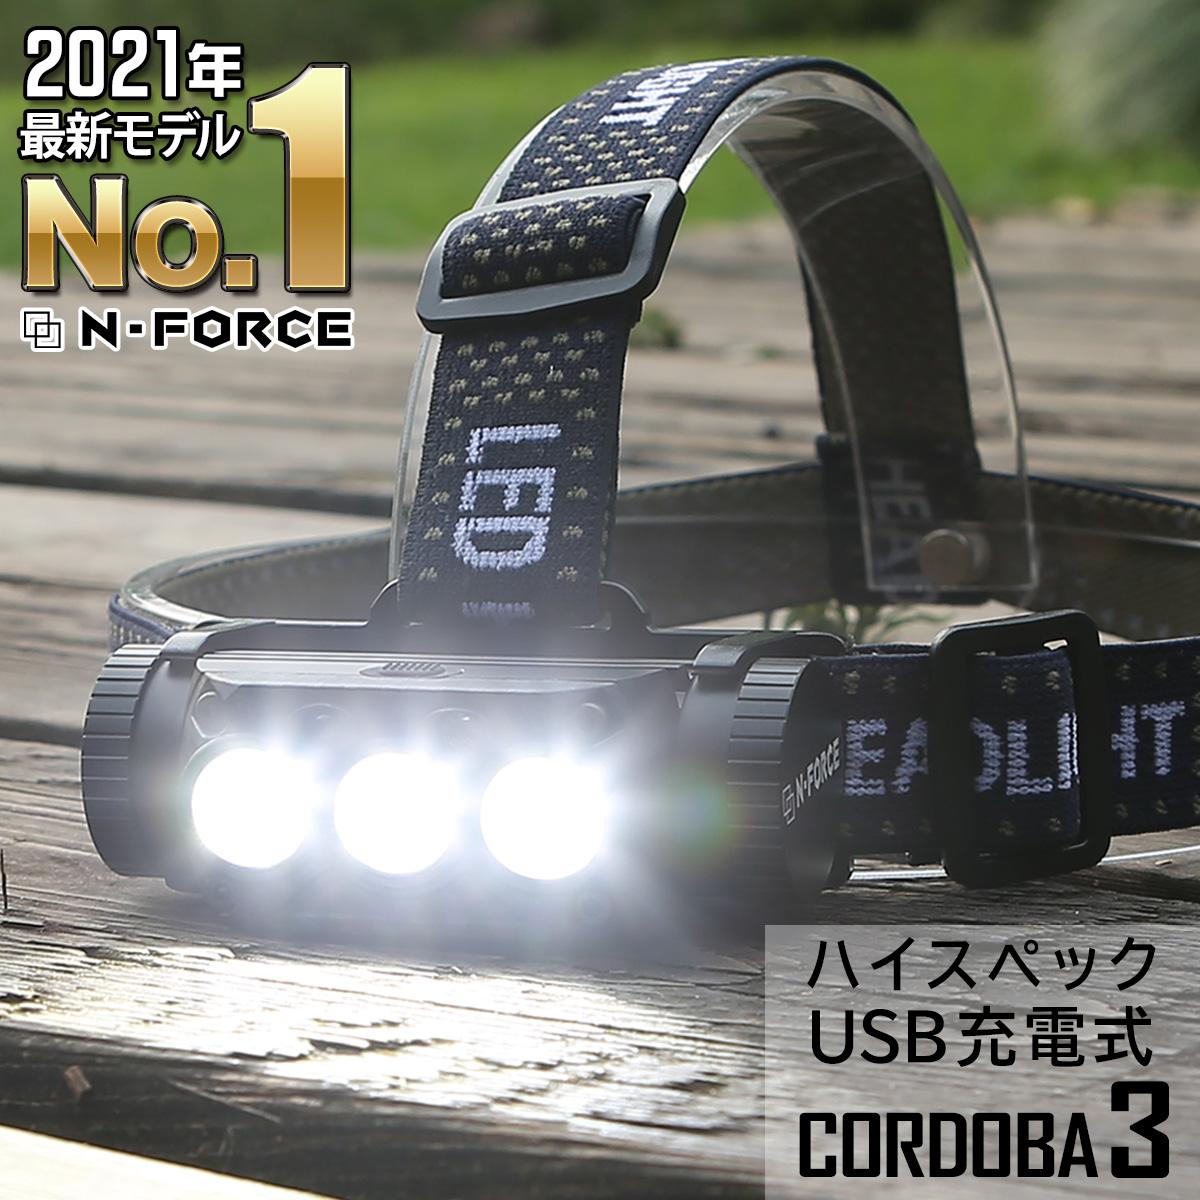 全く新しい三つ目のヘッドライト 2021年最新モデル セール商品 ヘッドライト N-FORCE Cordoba3 新品 送料無料 防災 防水 充電式ヘッドライト LED